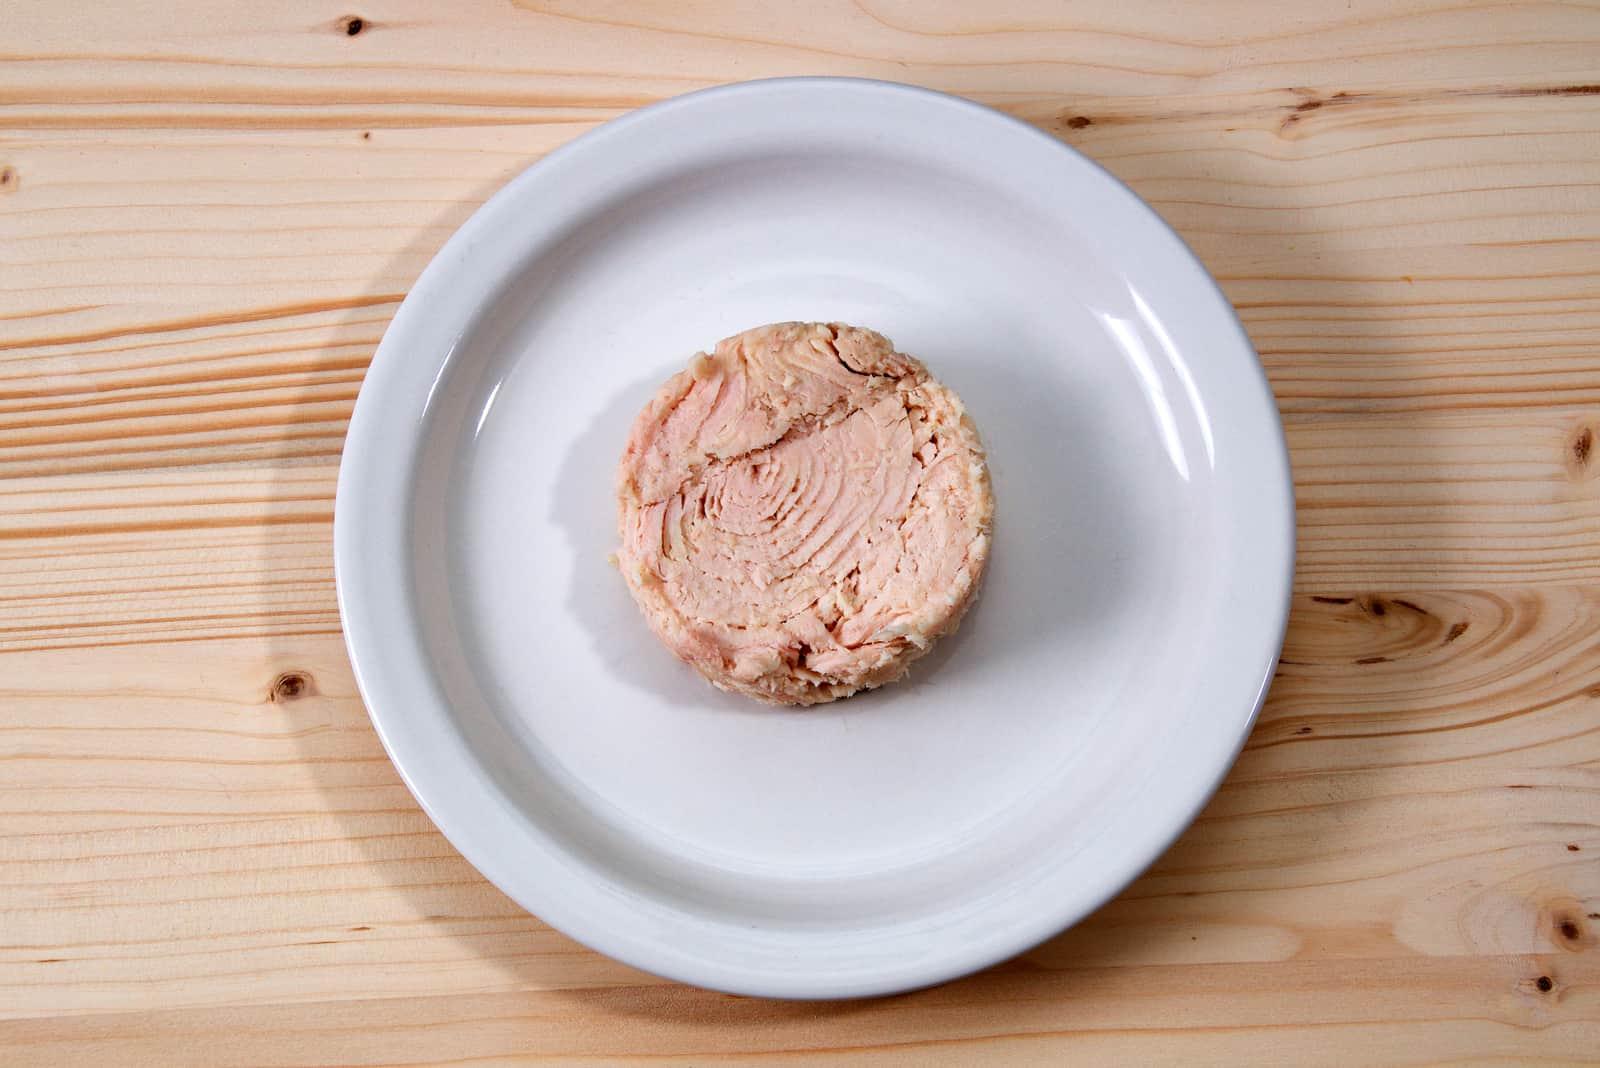 Thunfisch auf weißem Teller